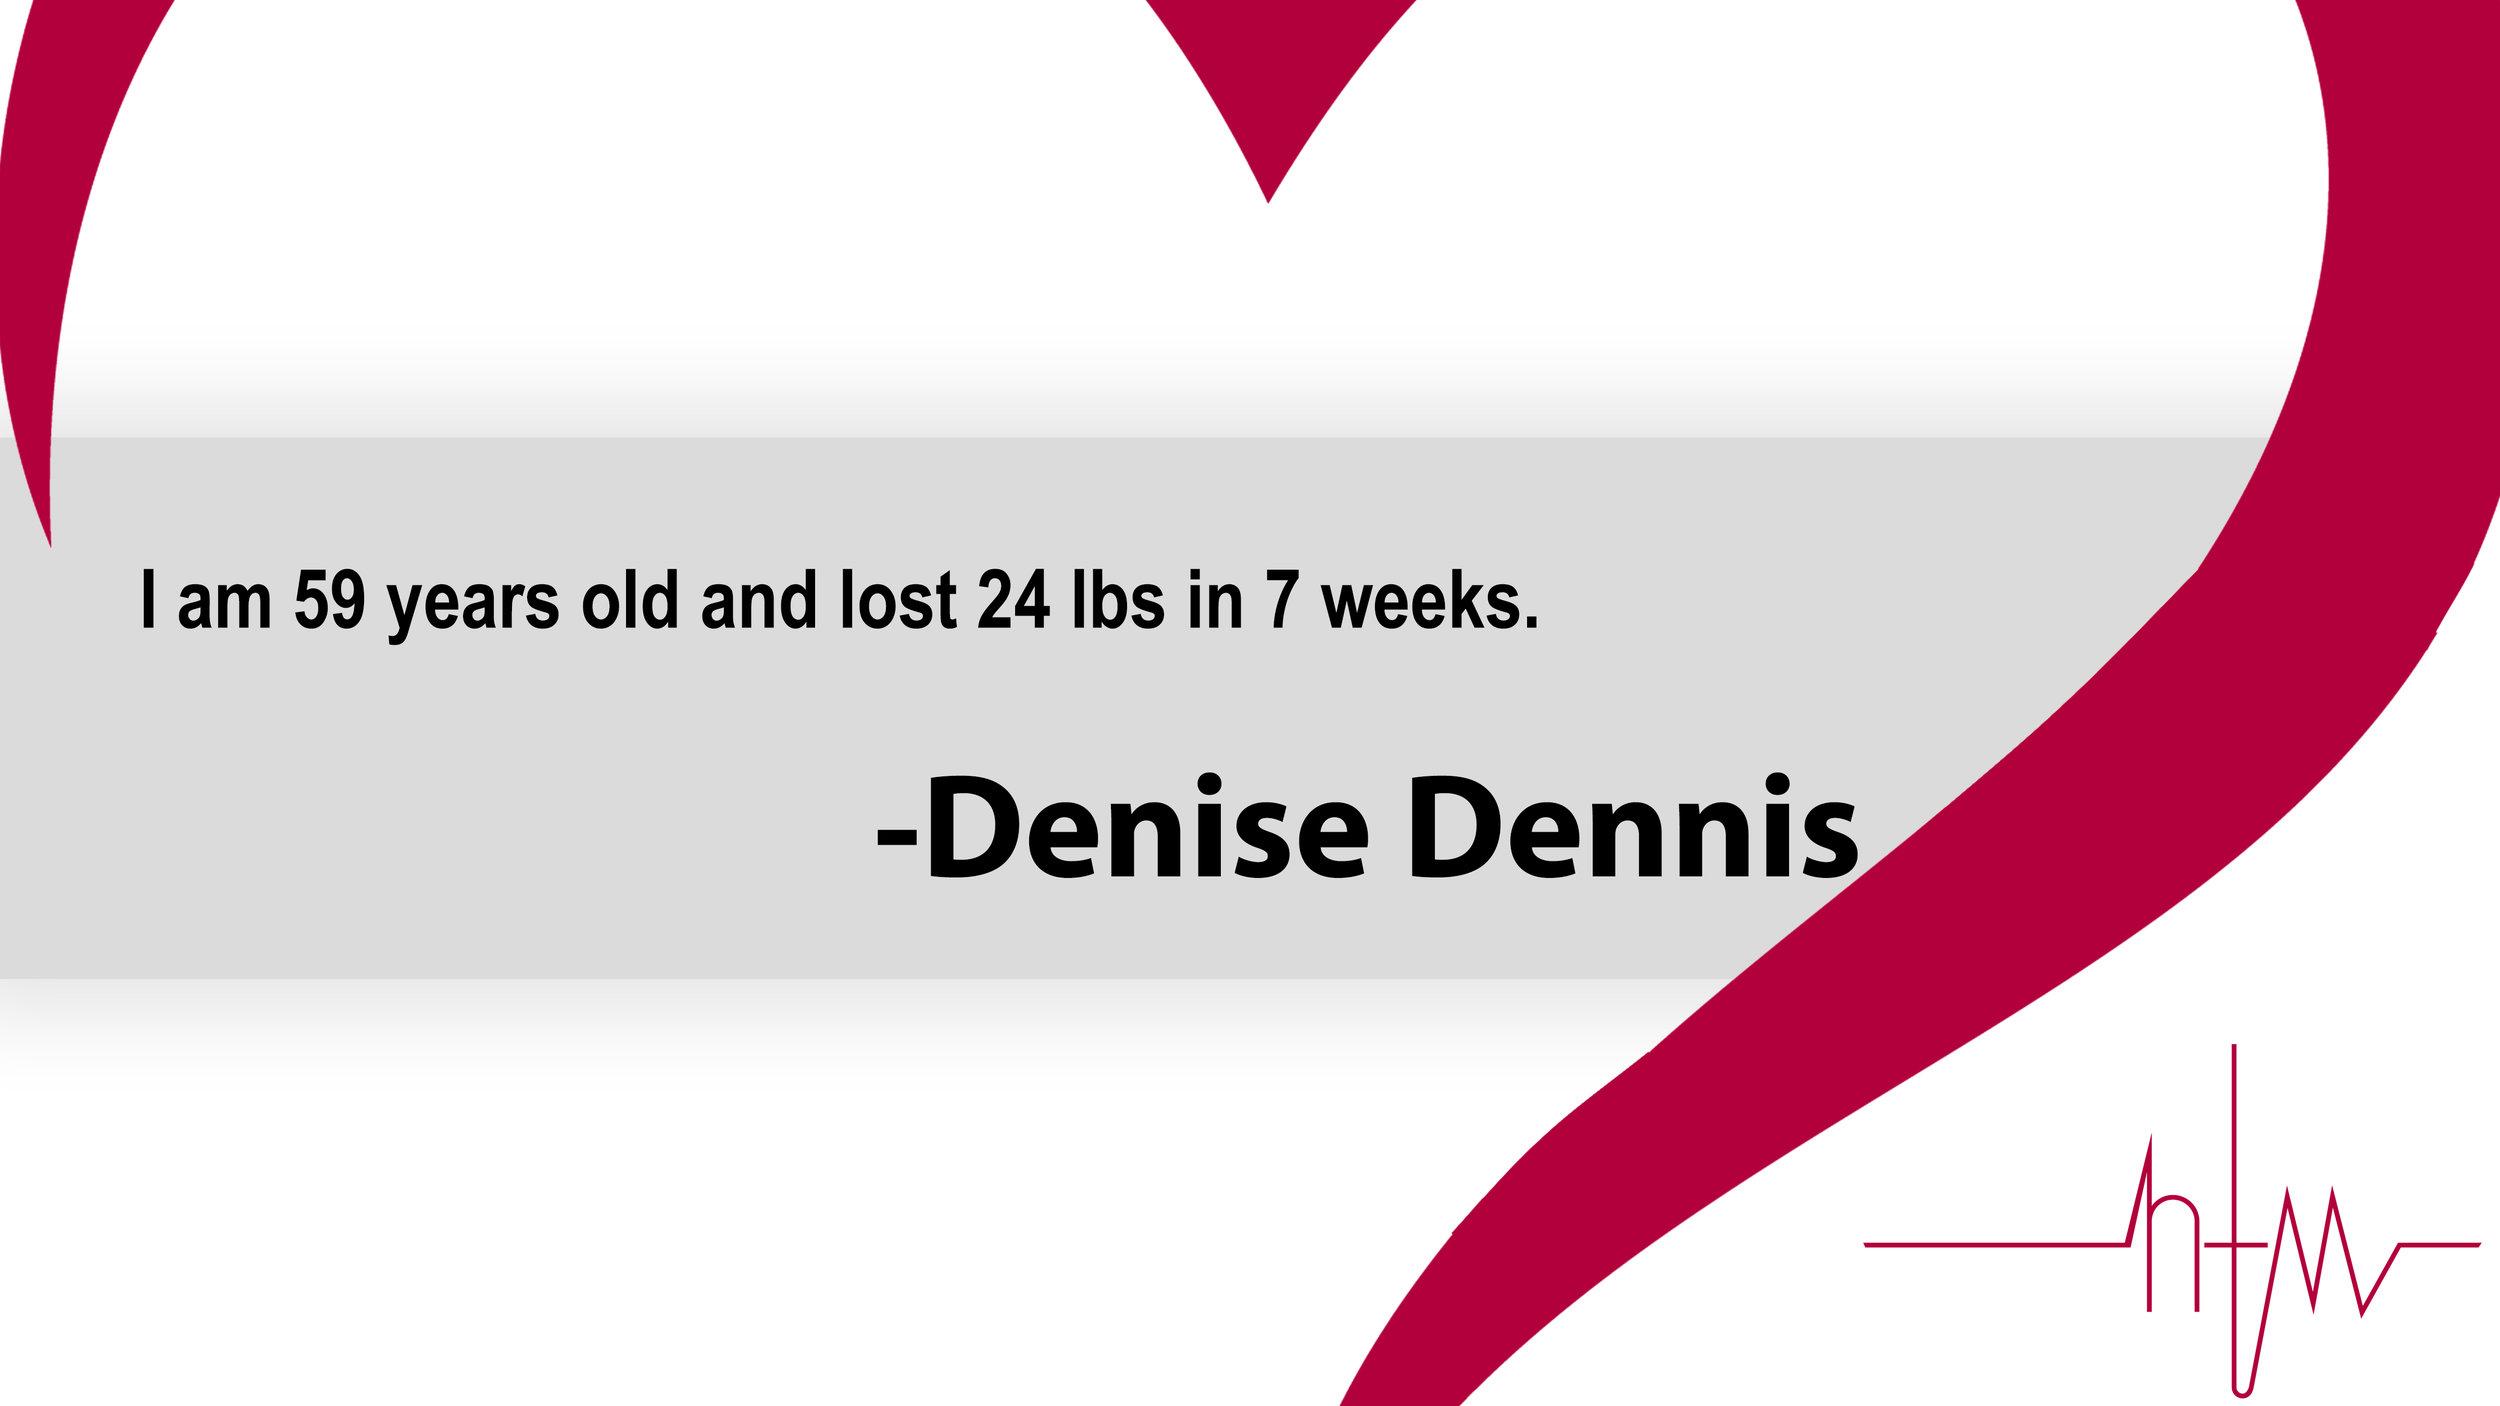 Denise_Dennis_Testimony.jpg